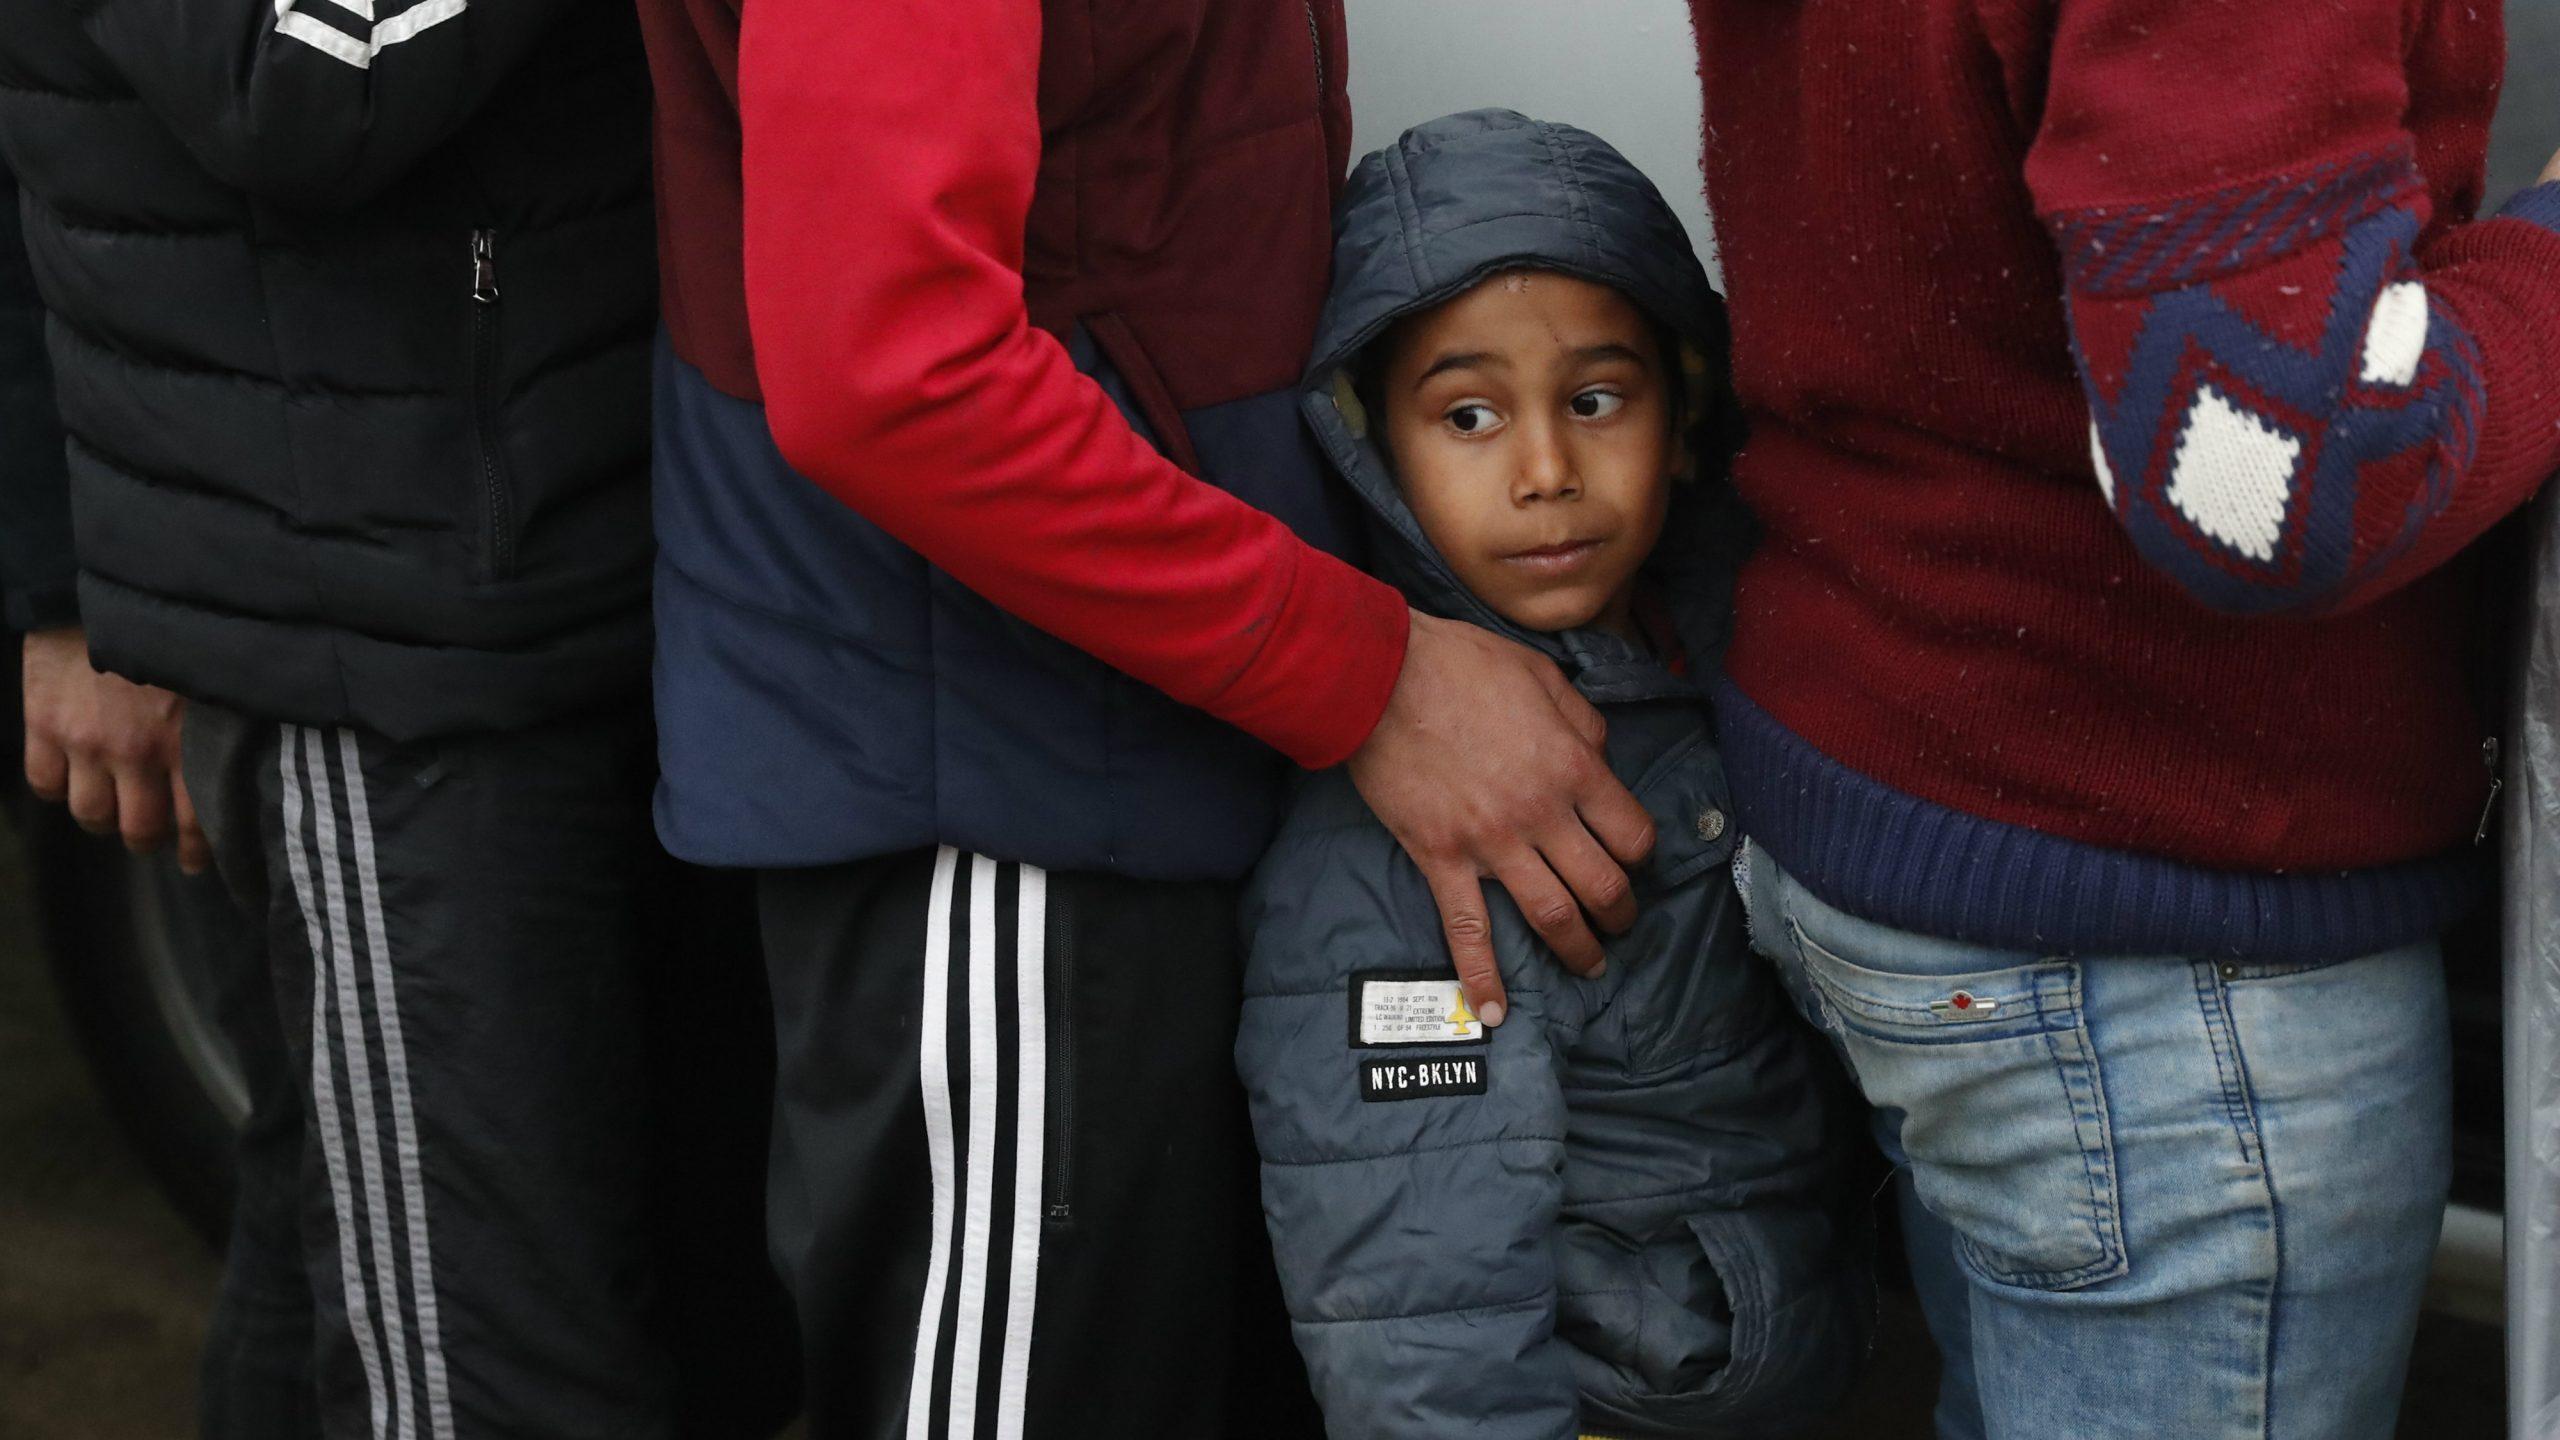 Nemačka kritikuje nedostatak solidarnosti u EU prema migrantima 1